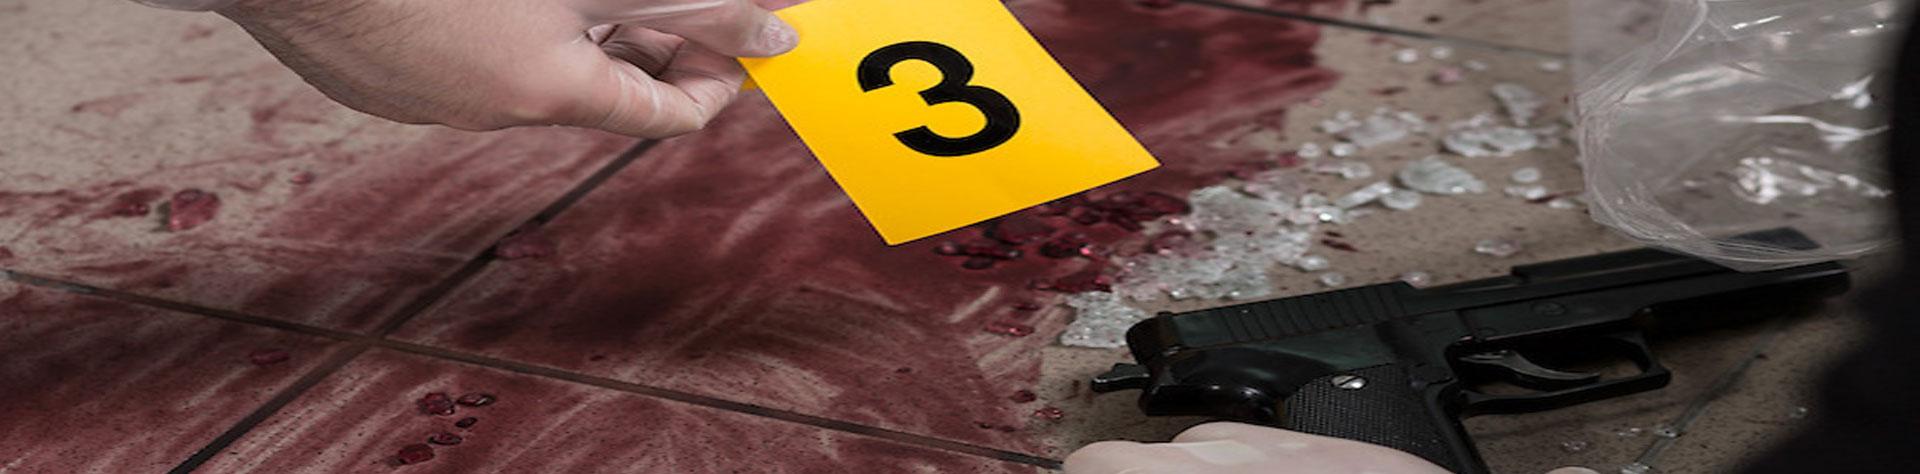 Crime Scene Investigation Csi Certificate